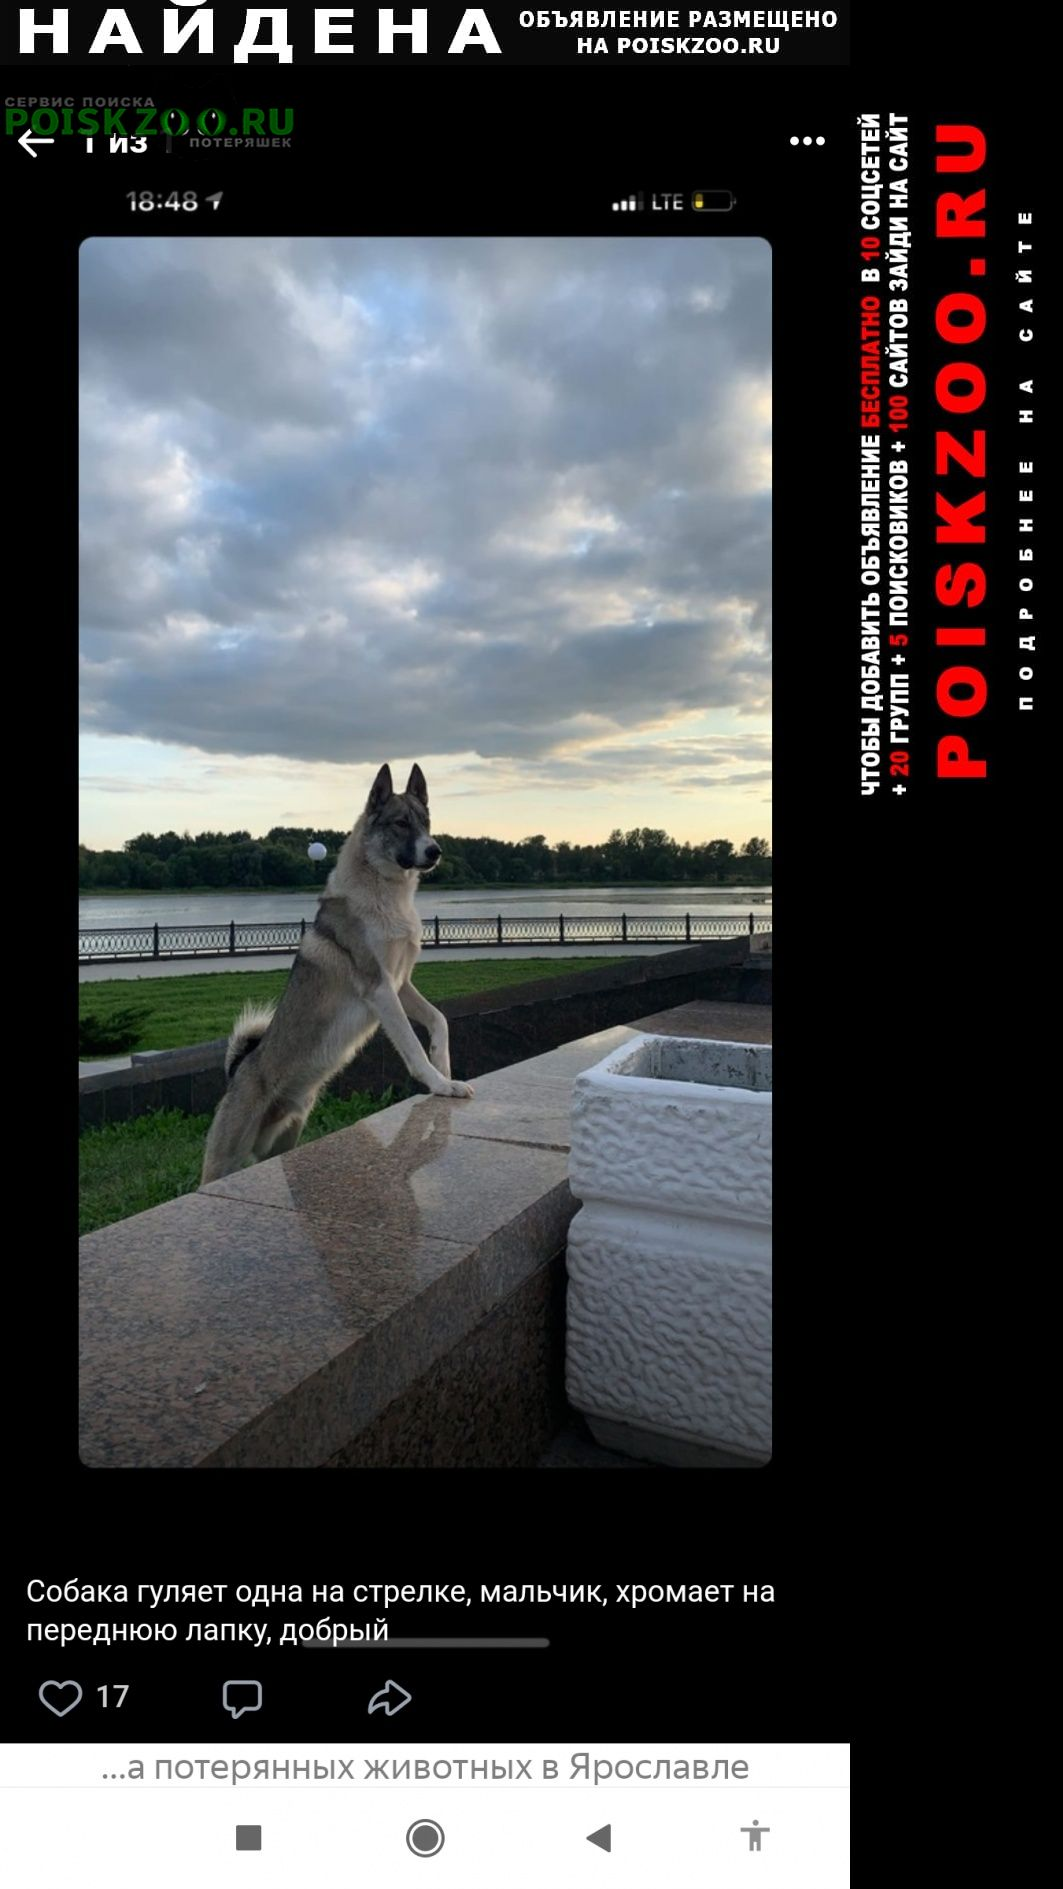 Найдена собака кобель п с на стрелке. молодой, добрый, Ярославль